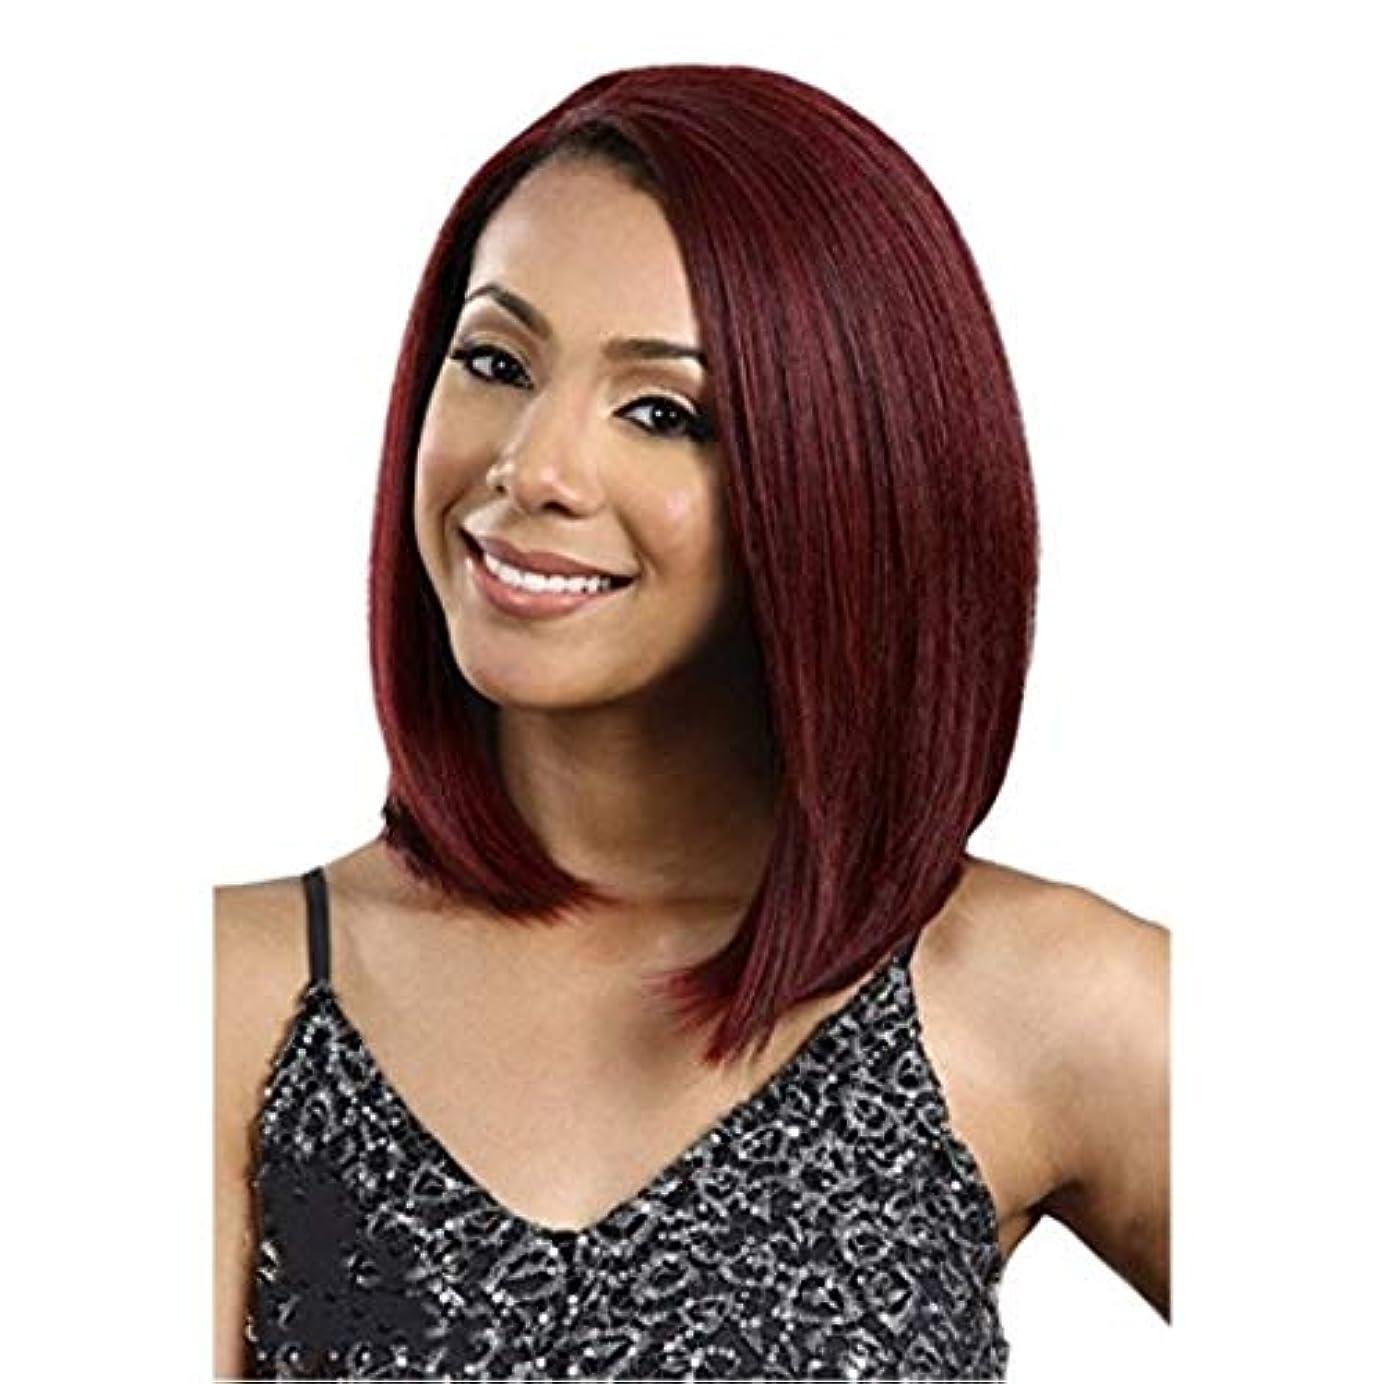 迷路青中古Kerwinner 女性のための前髪の髪のかつらとミディアムストレートヘアレッドウィッグヘッドギア耐熱合成かつら